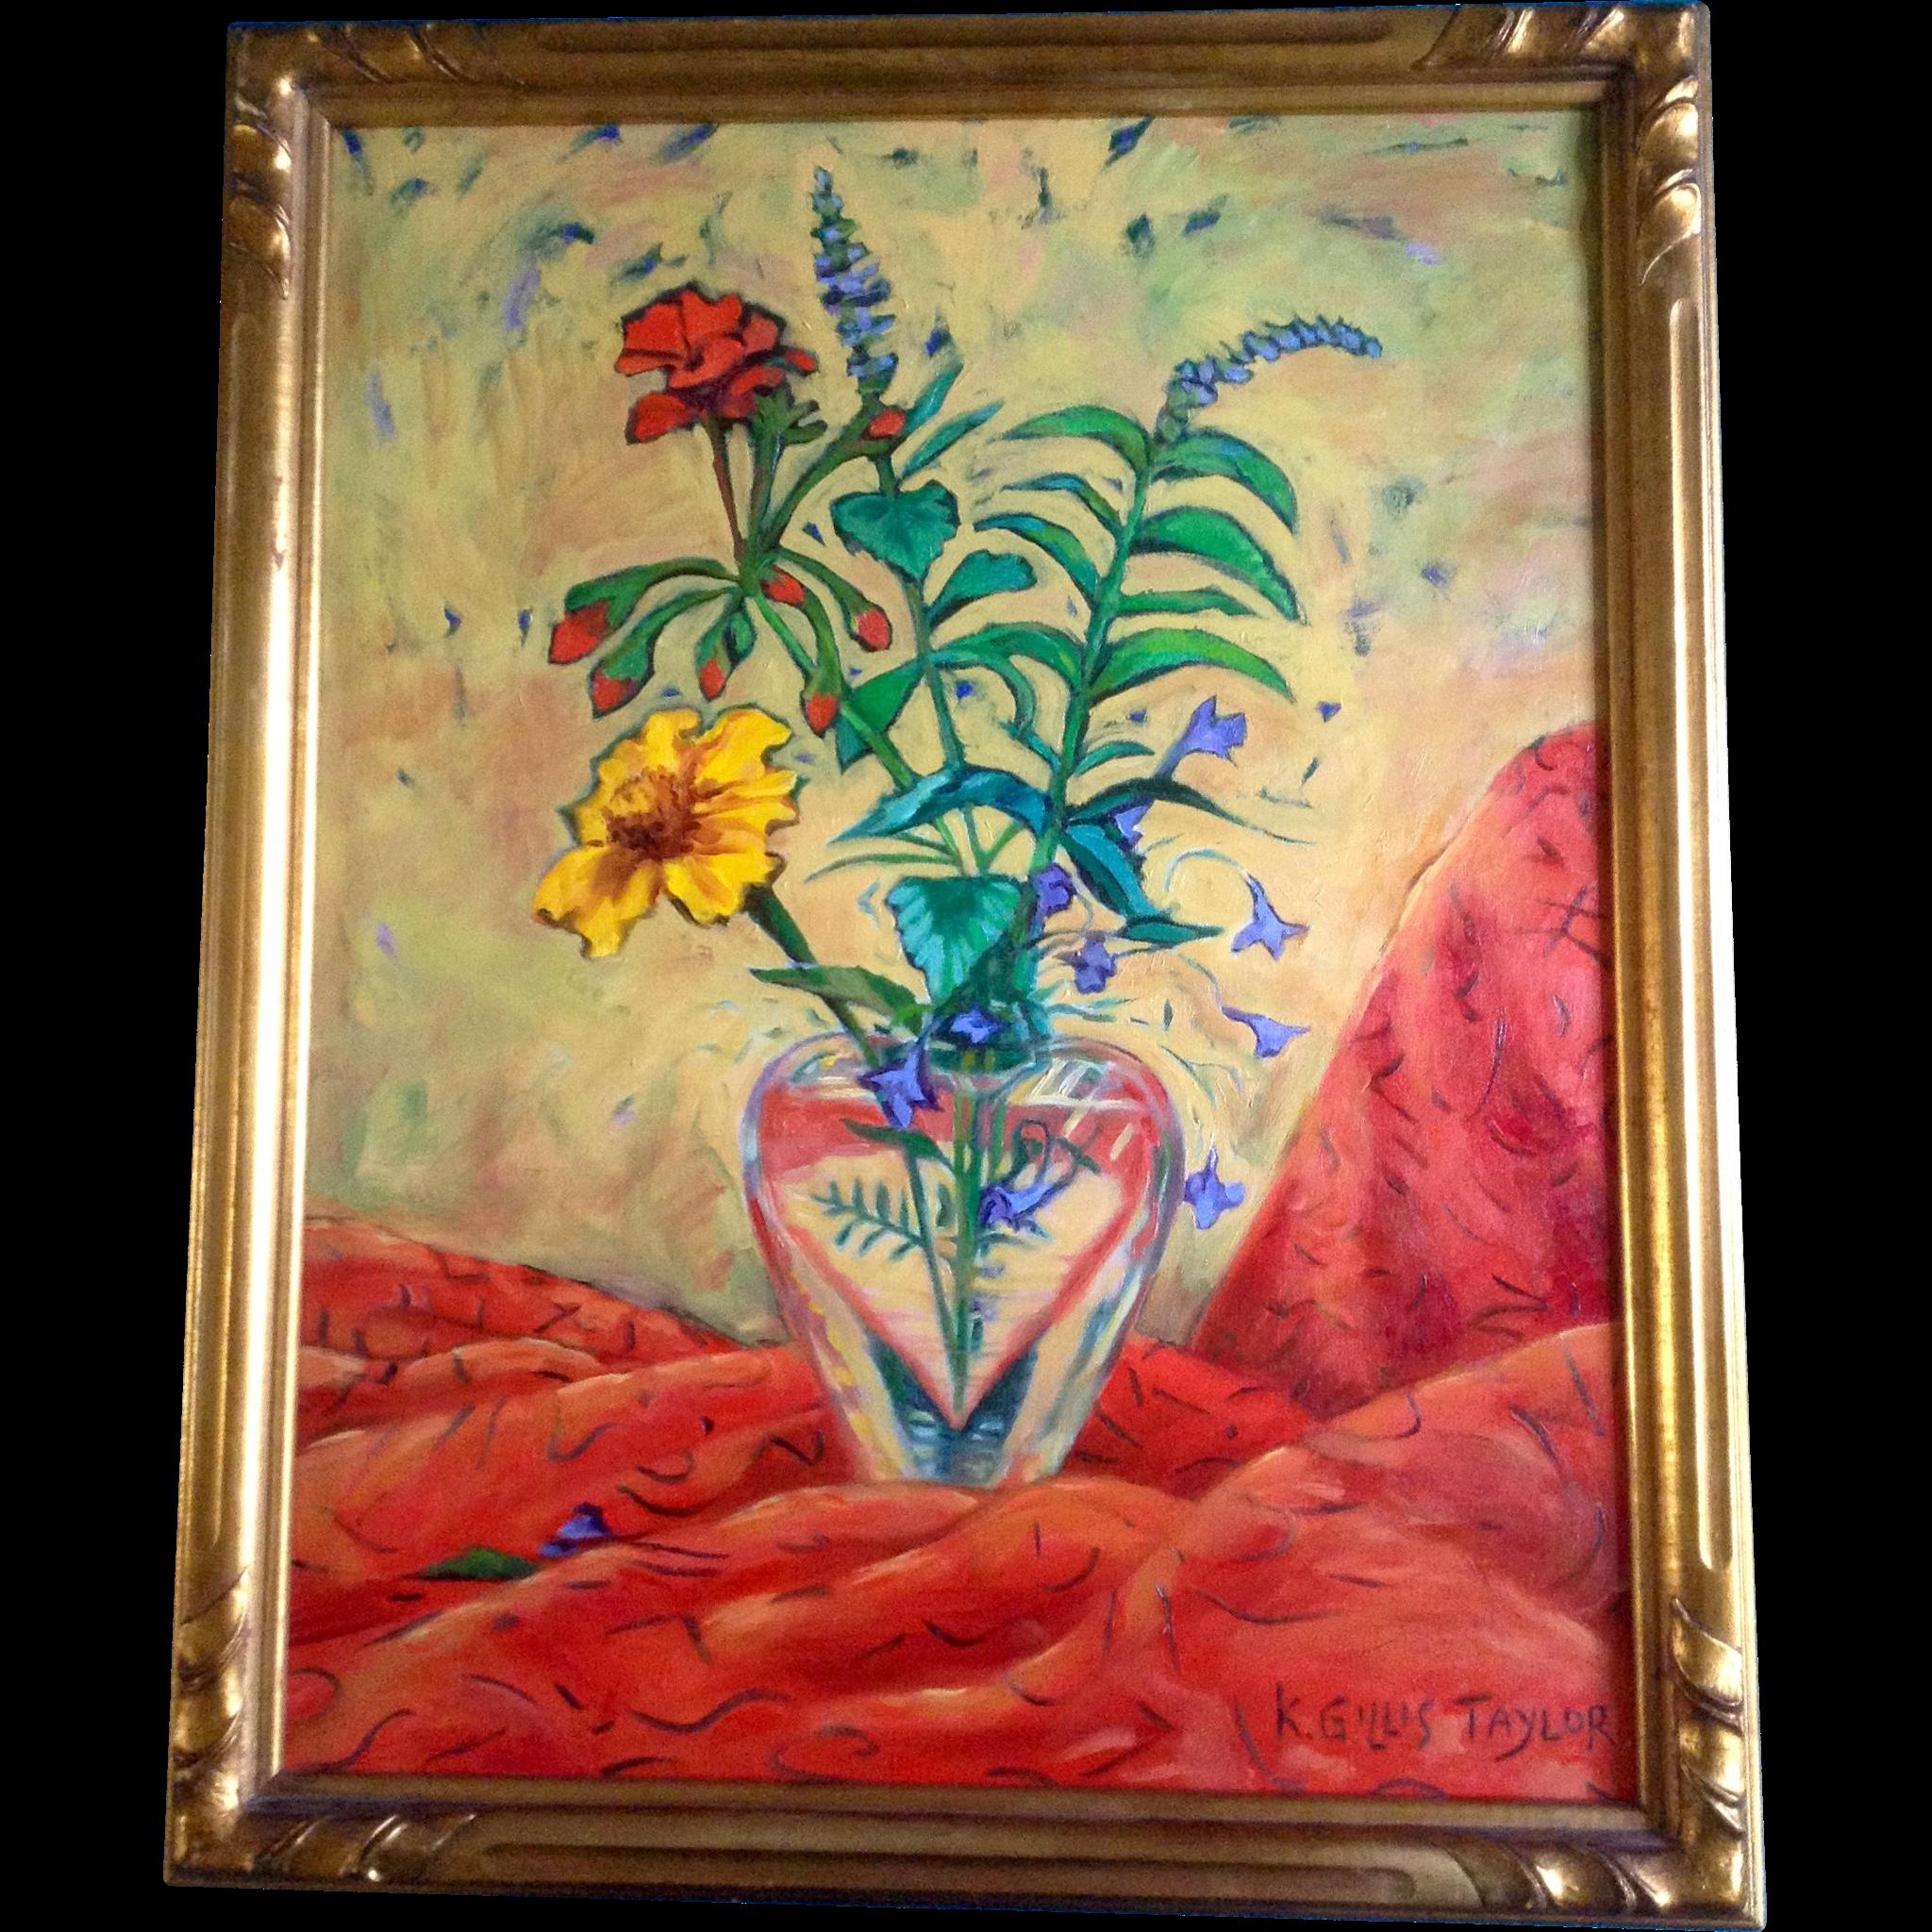 Karen gillis taylor wildflowers in a crystal heart vase acrylic karen gillis taylor wildflowers in a crystal heart vase acrylic gumgumfuninthesun ruby lane reviewsmspy